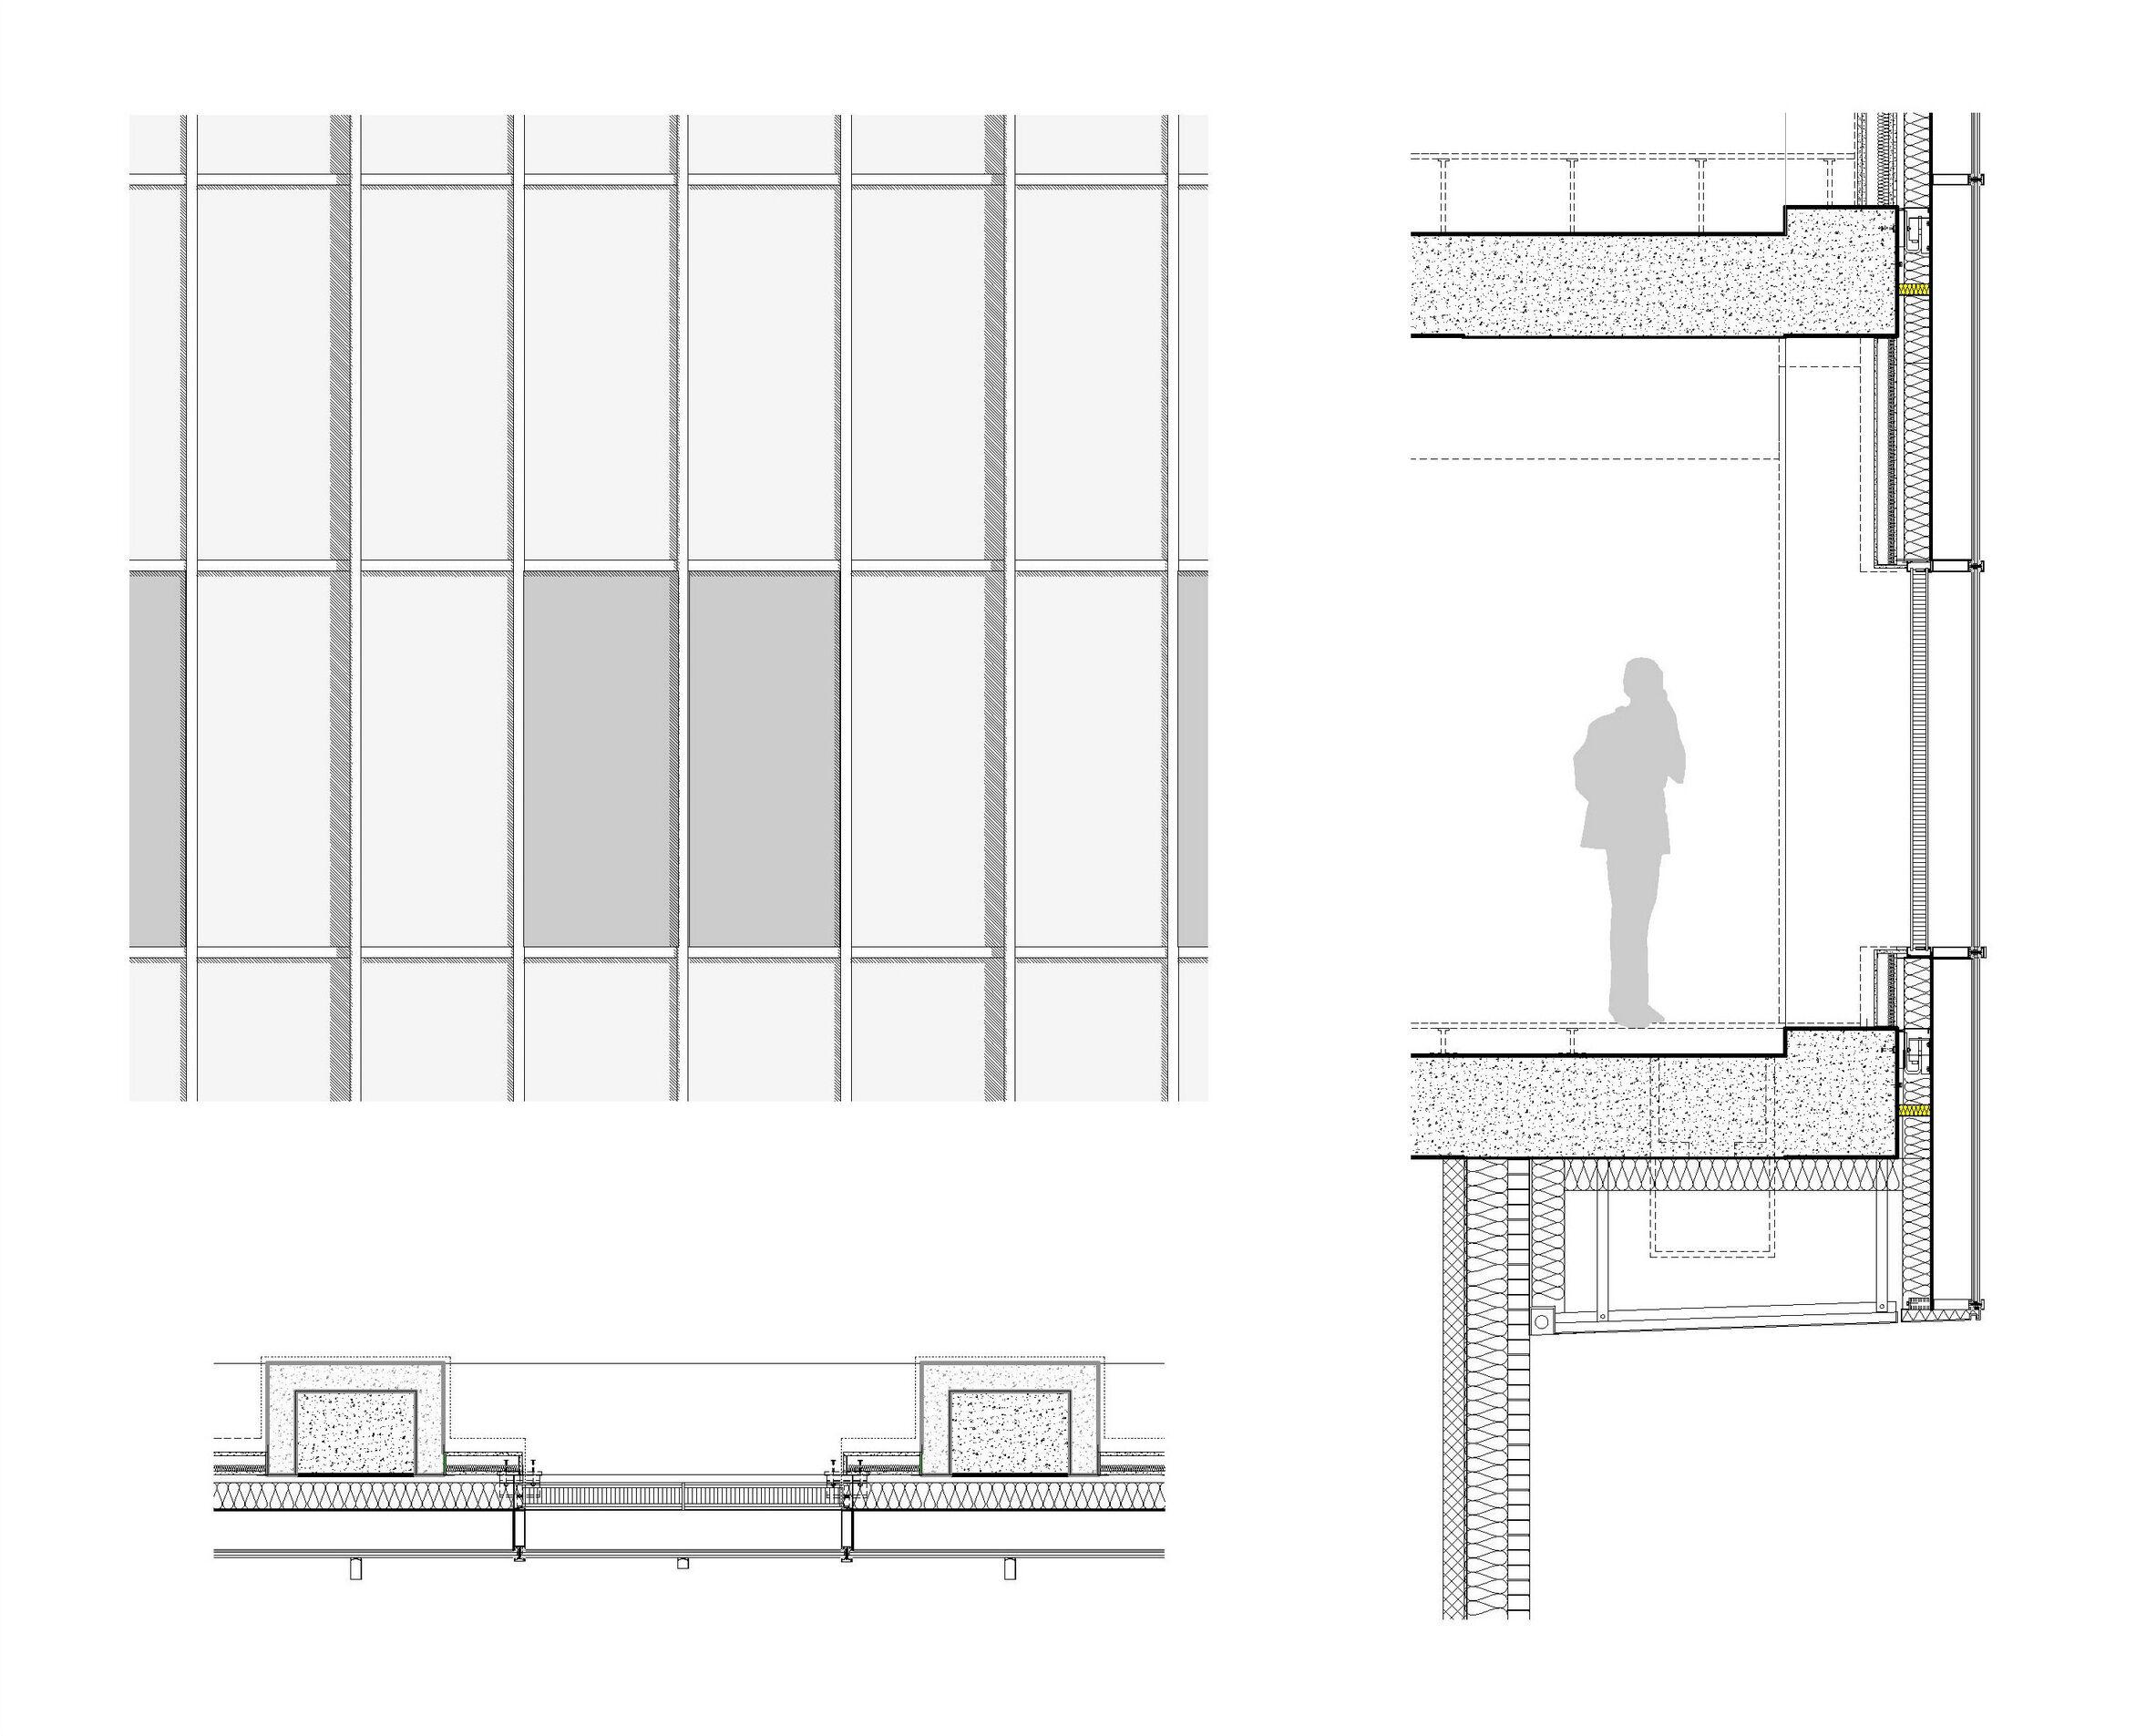 oma_design_museum_detail_facade_archello_1.jpg